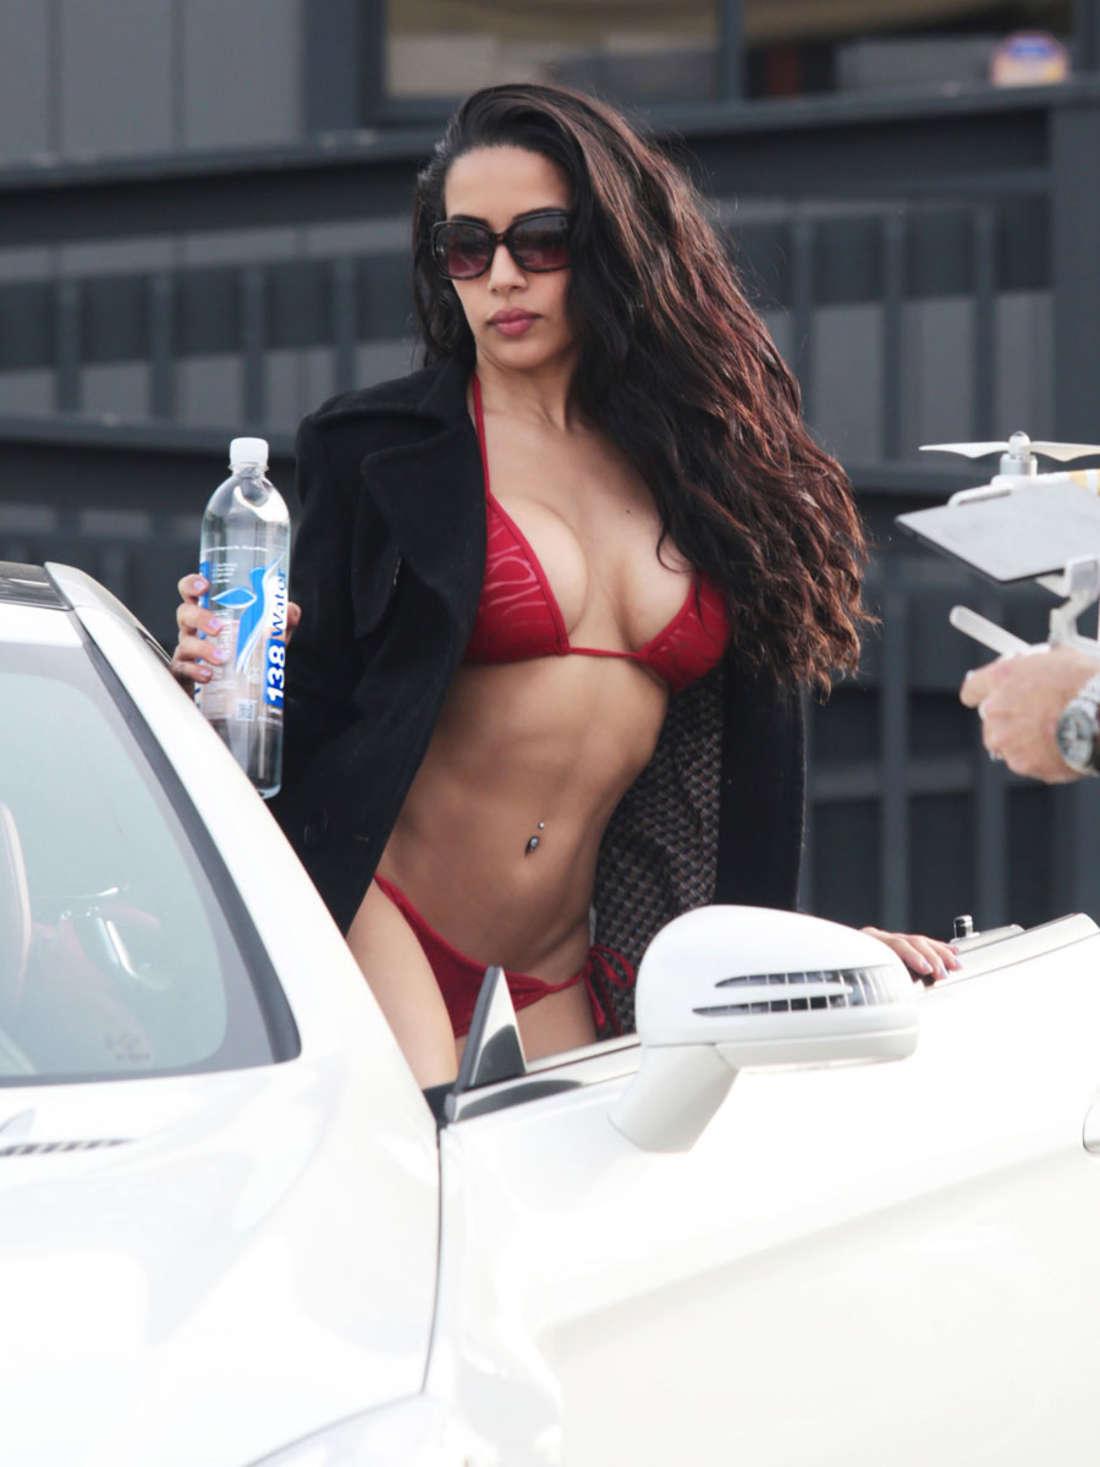 Hacked Alyssa Germeroth nude (76 images), Paparazzi